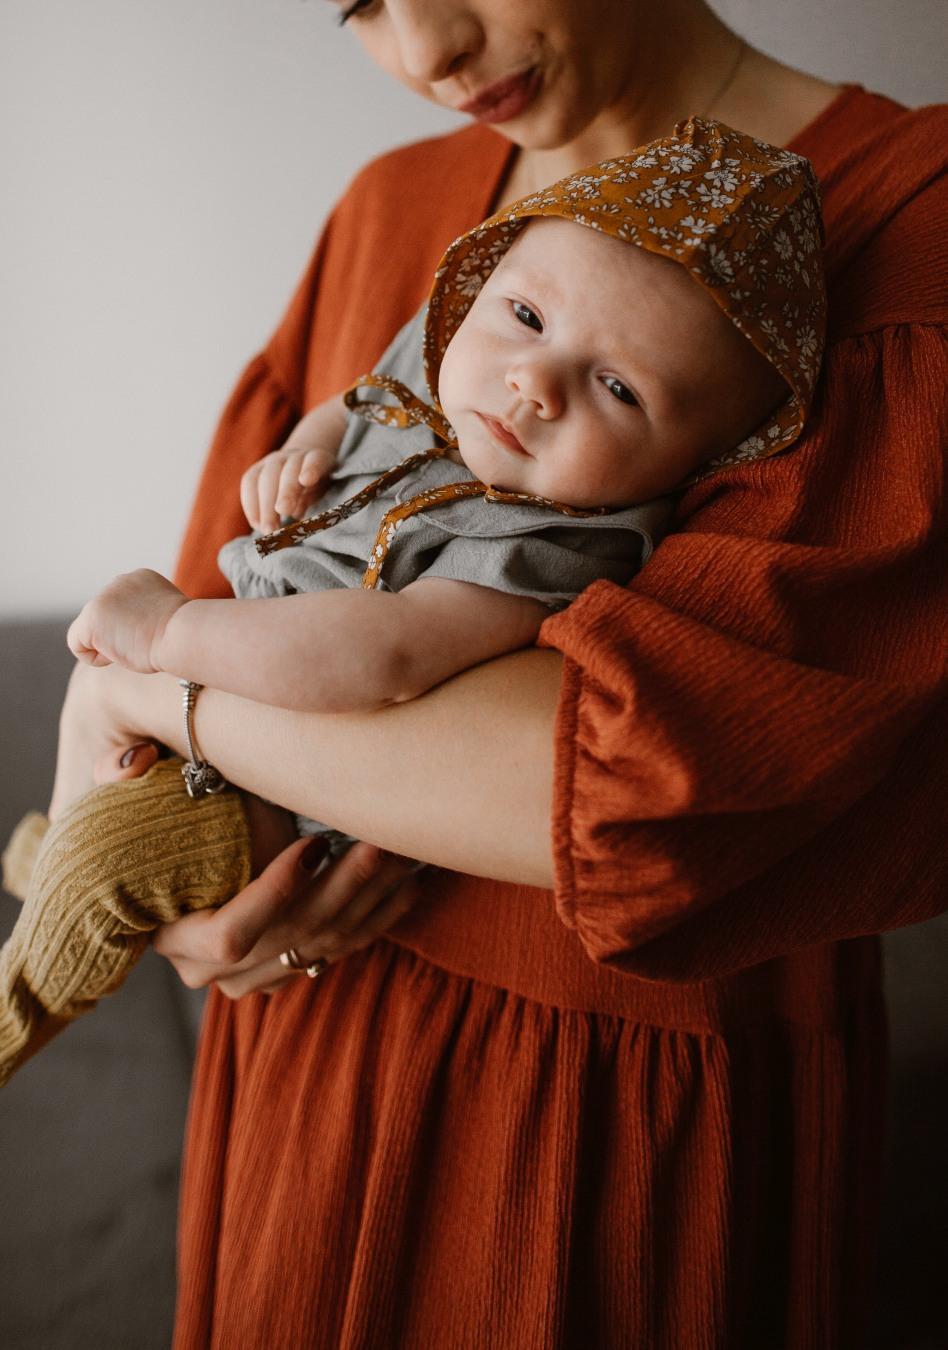 niemowlak sesja zdjęciowa